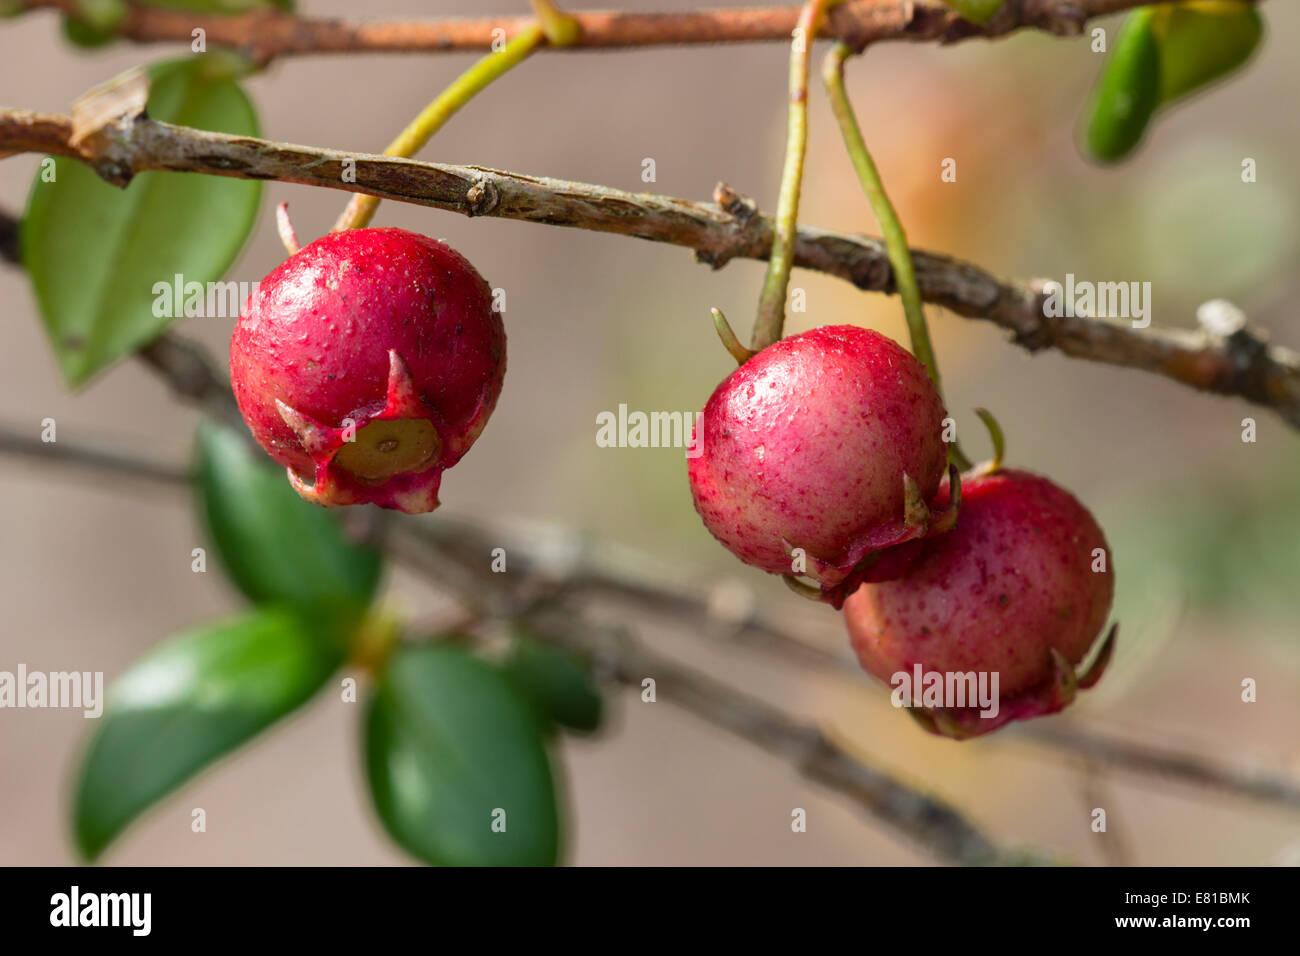 Autumn fruit of the Chilean guava, Ugni molinae - Stock Image